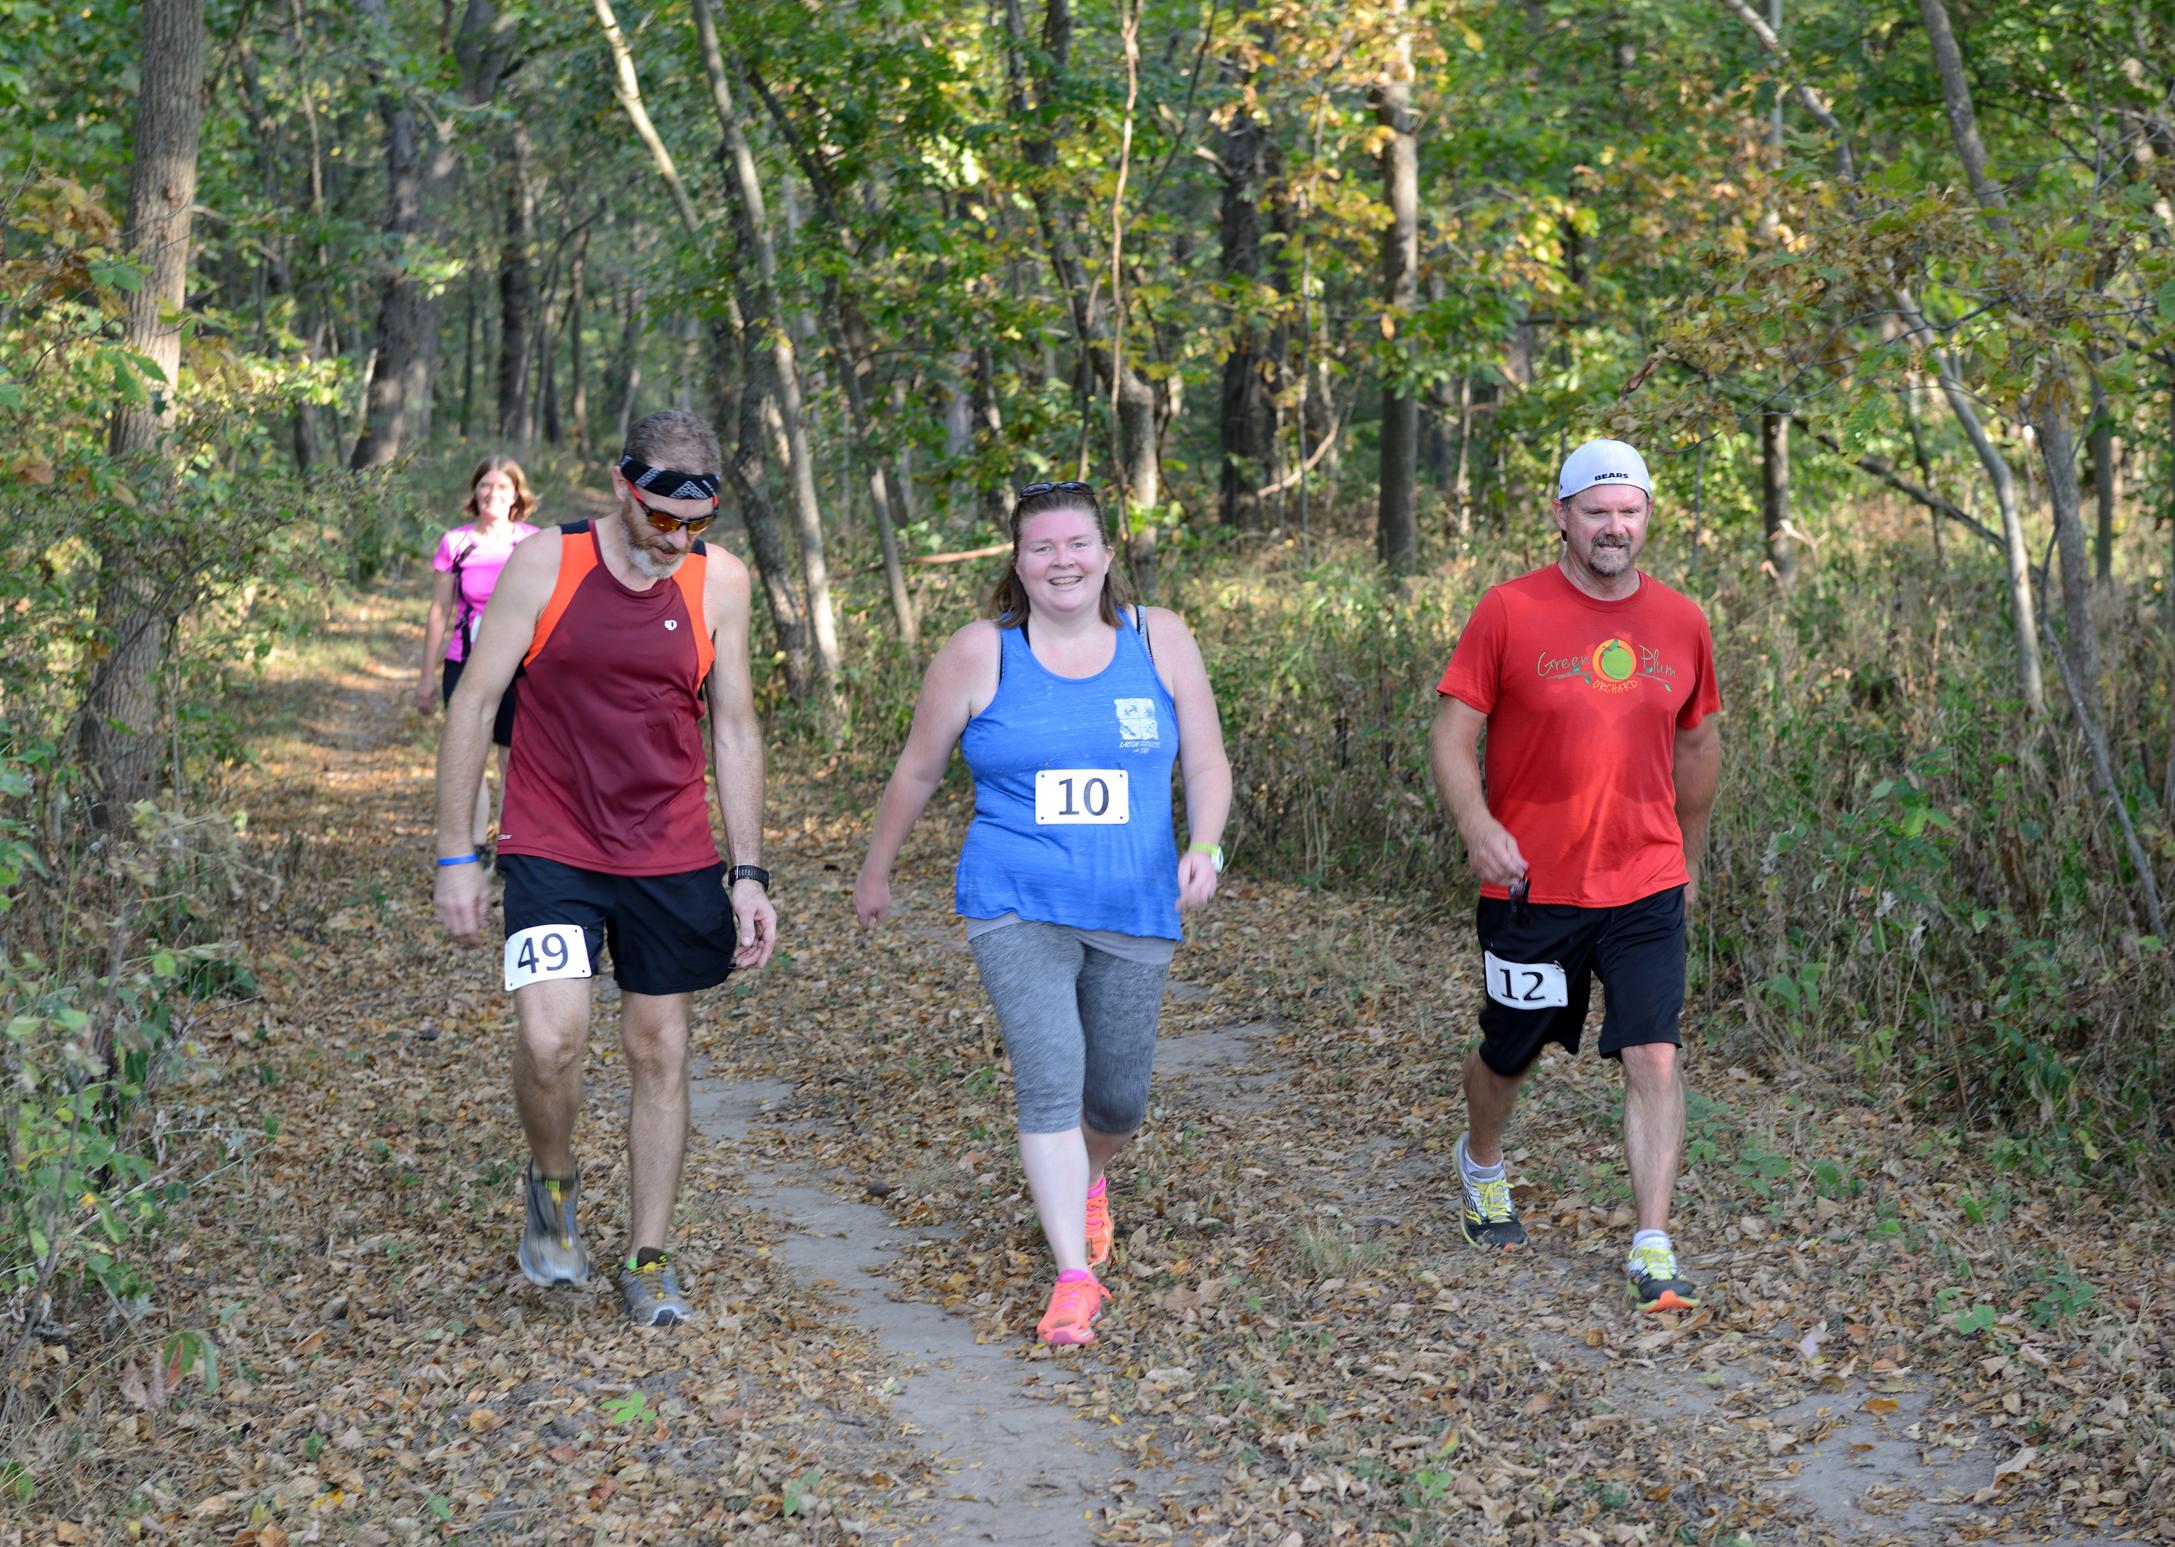 11 - Runners in woods.jpg